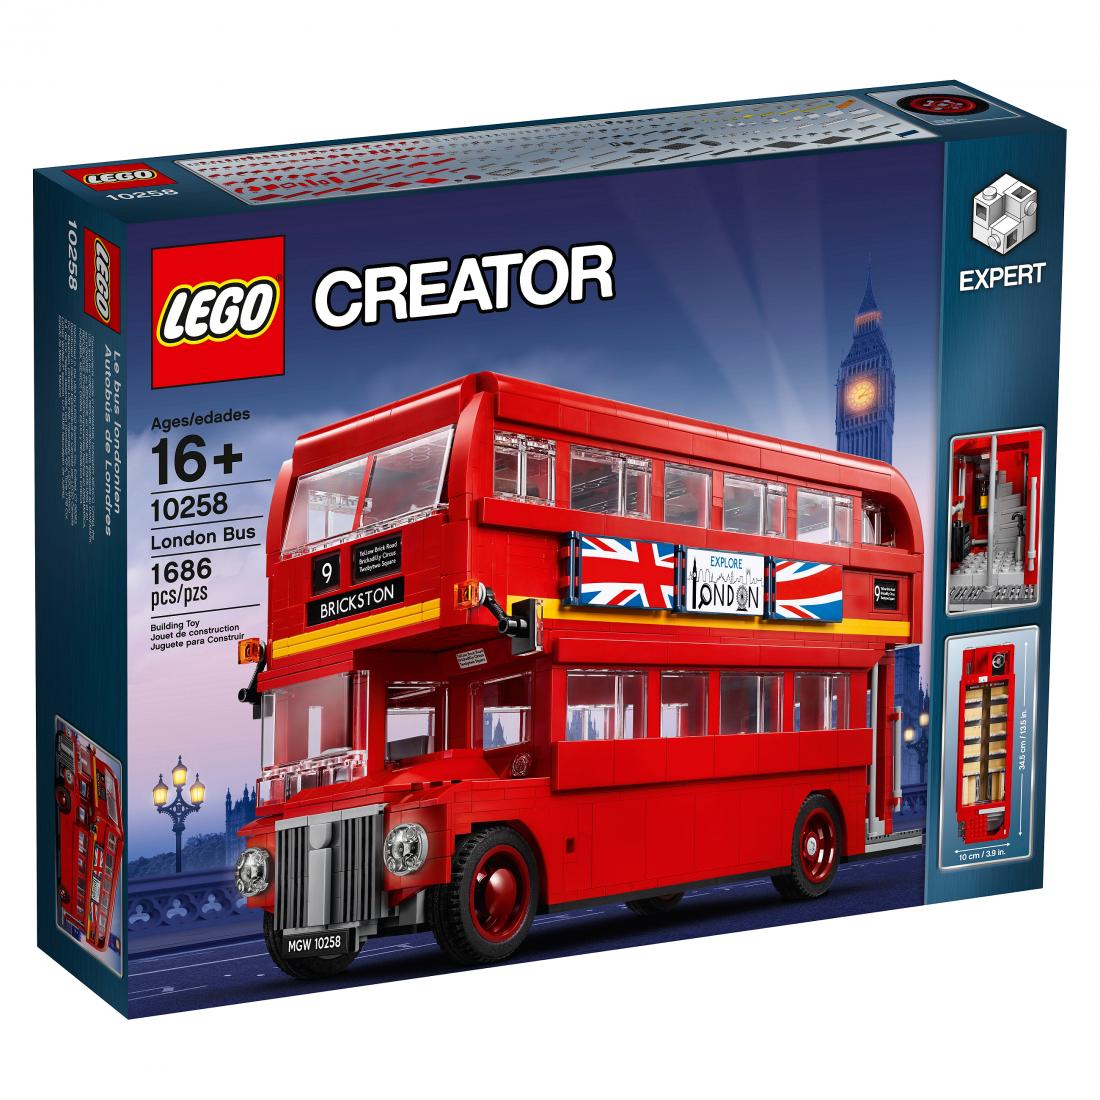 Лондонский Автобус. Конструктор ЛЕГО 10258